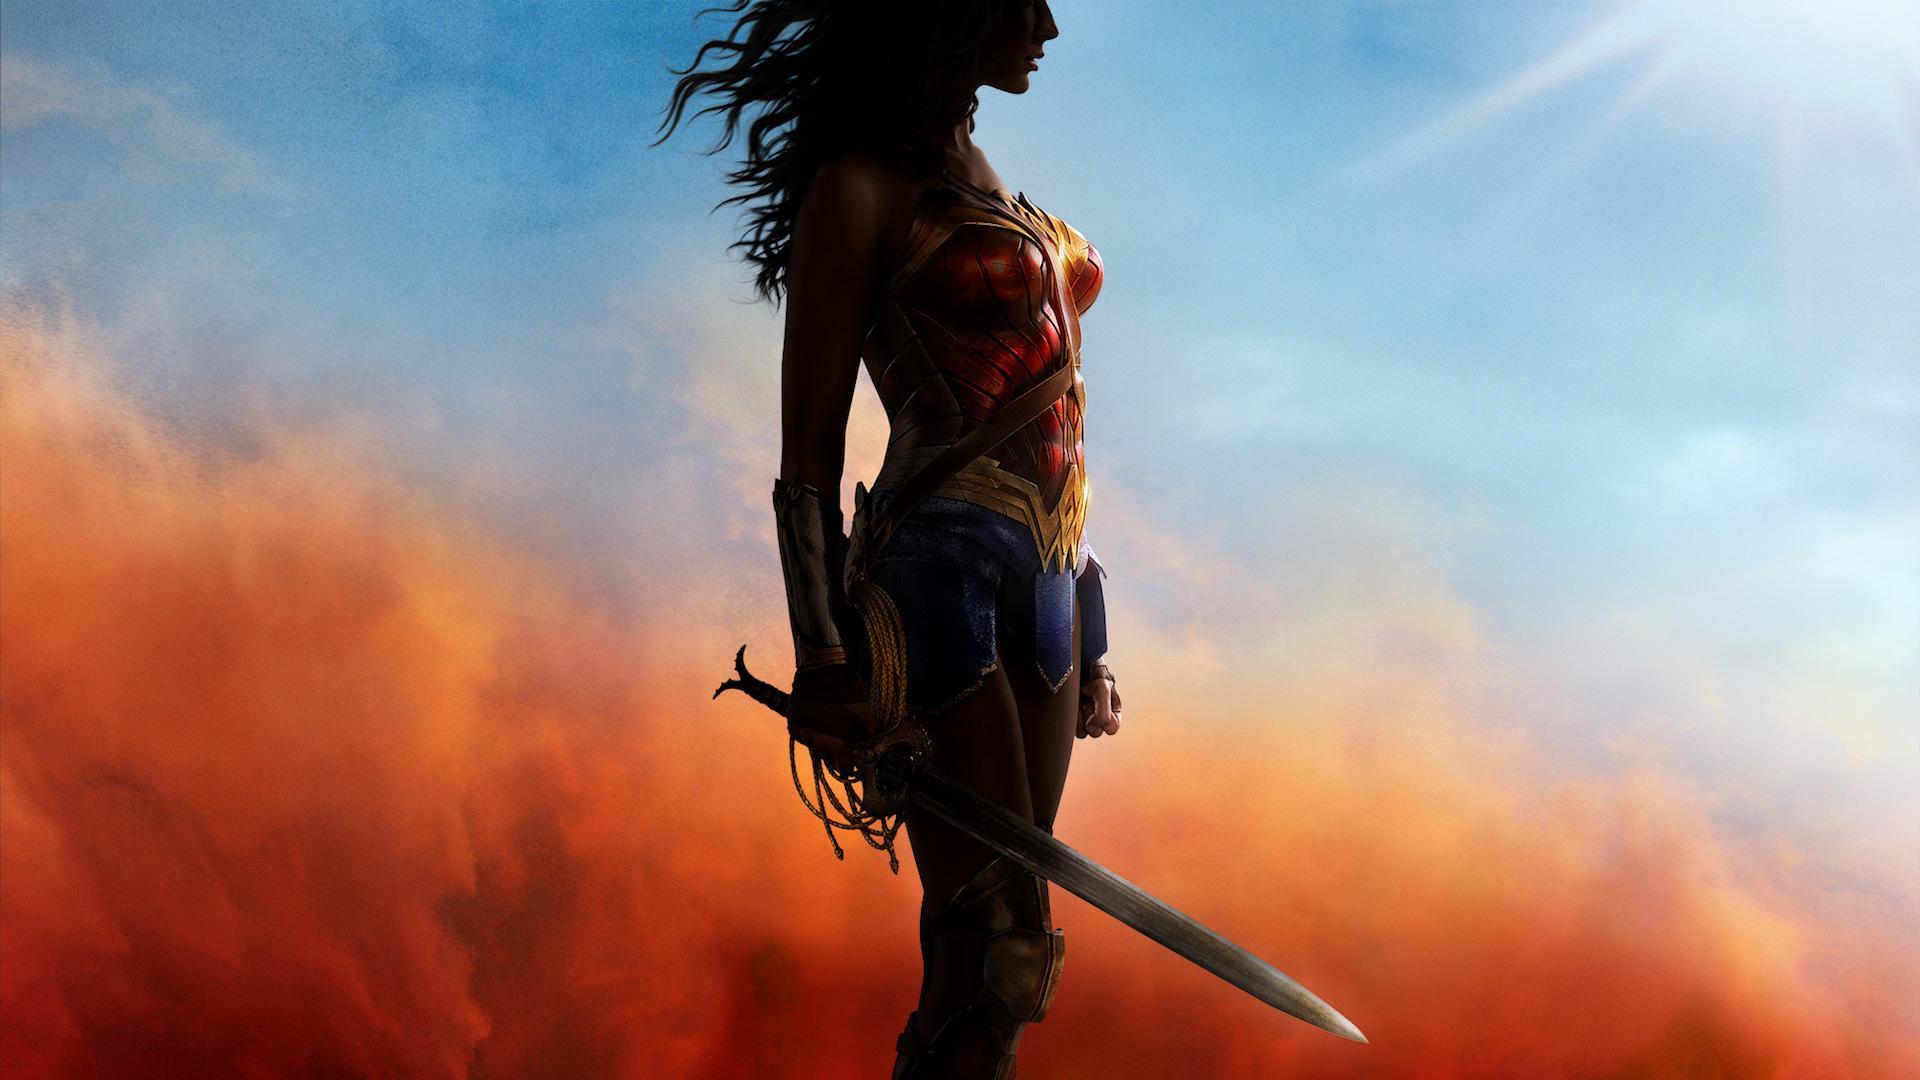 El nuevo trailer de La Mujer Maravilla (Wonder Woman)